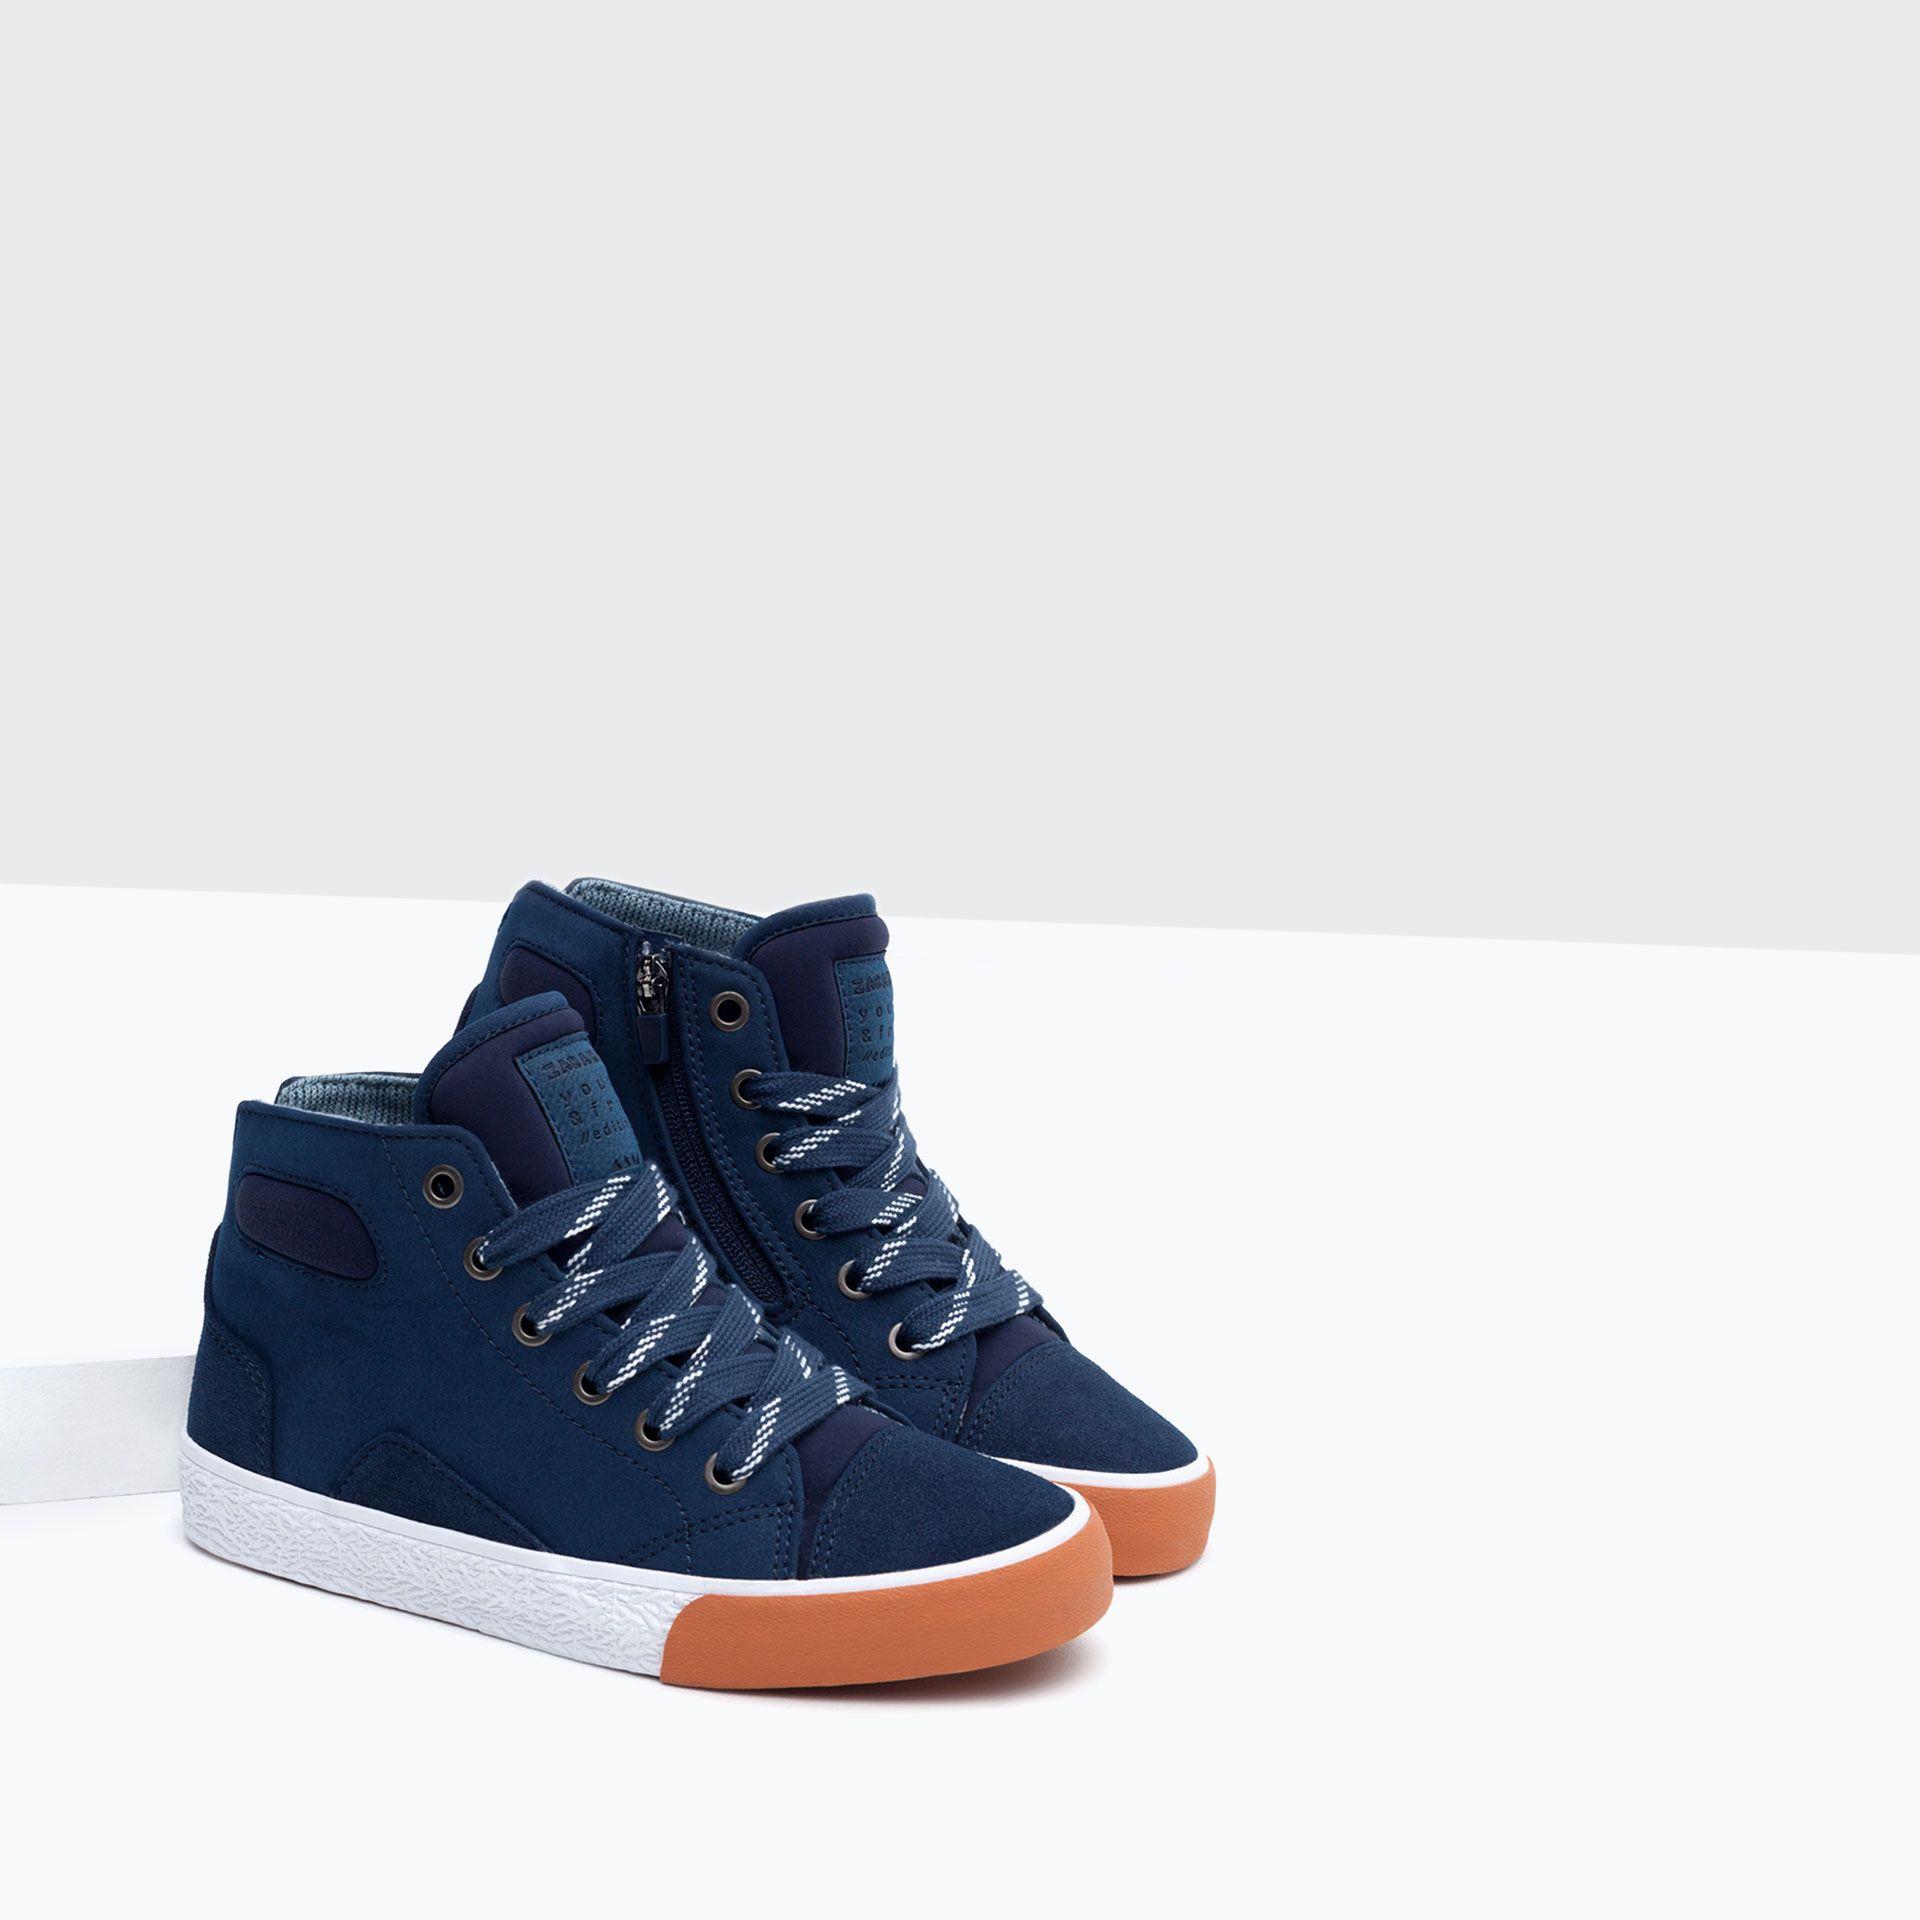 fb1d49d2a9c BASKET DETALLES - Zapatos - Niño - Niños | 4 - 14 años - NIÑOS | ZARA España